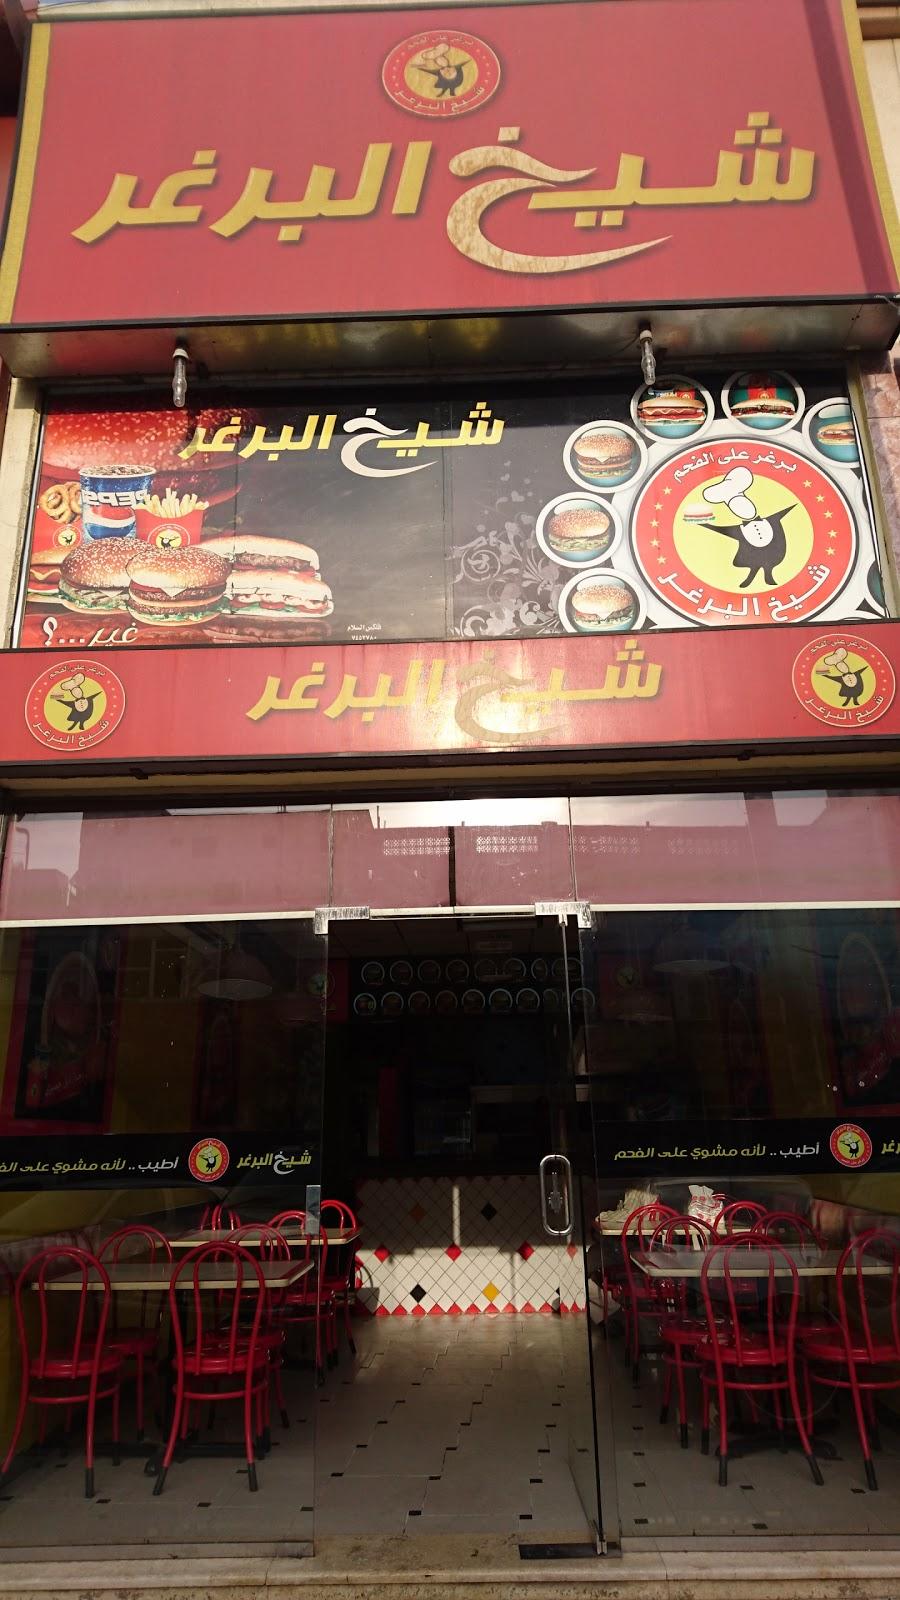 مطعم شيخ البرغر الطائف (الاسعار+ المنيو+ الموقع) - كافيهات ...